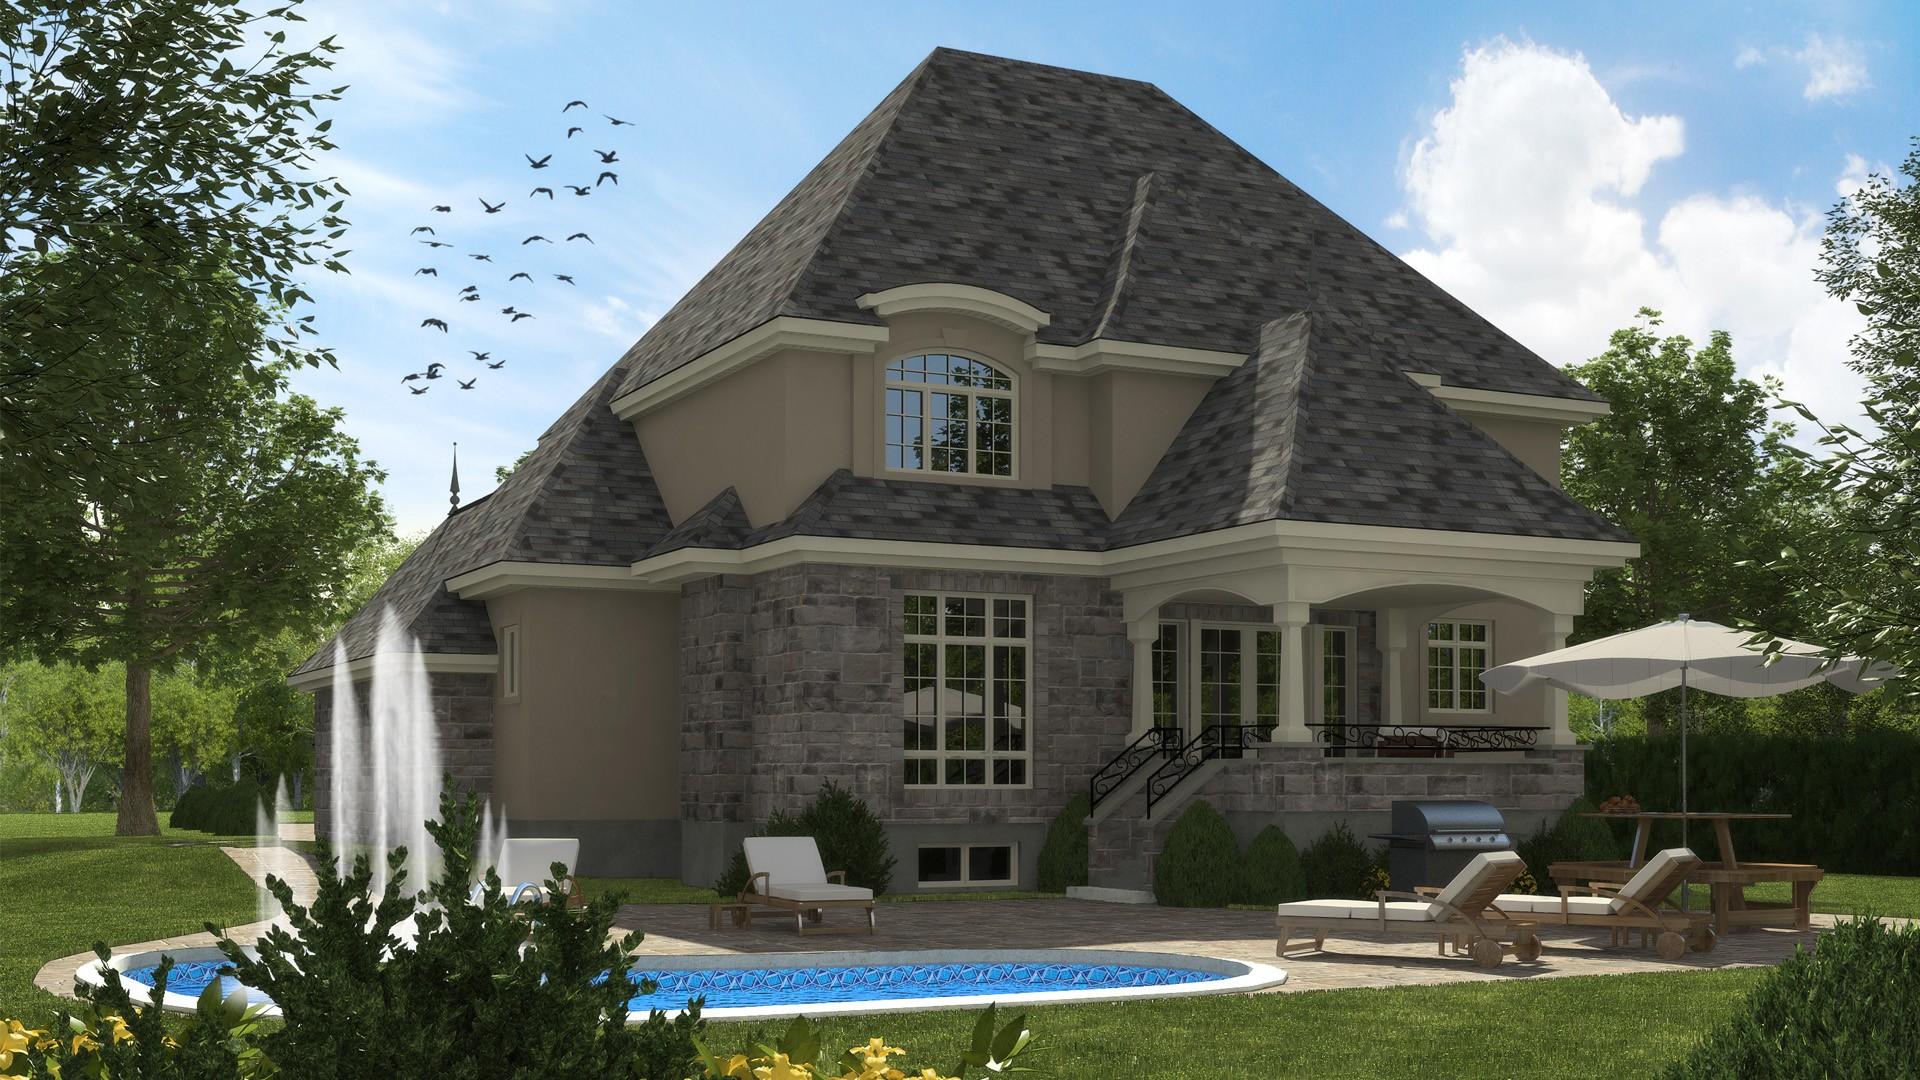 Cottage_Chateaux_Chateauneuf_Maison de prestige_Domicil